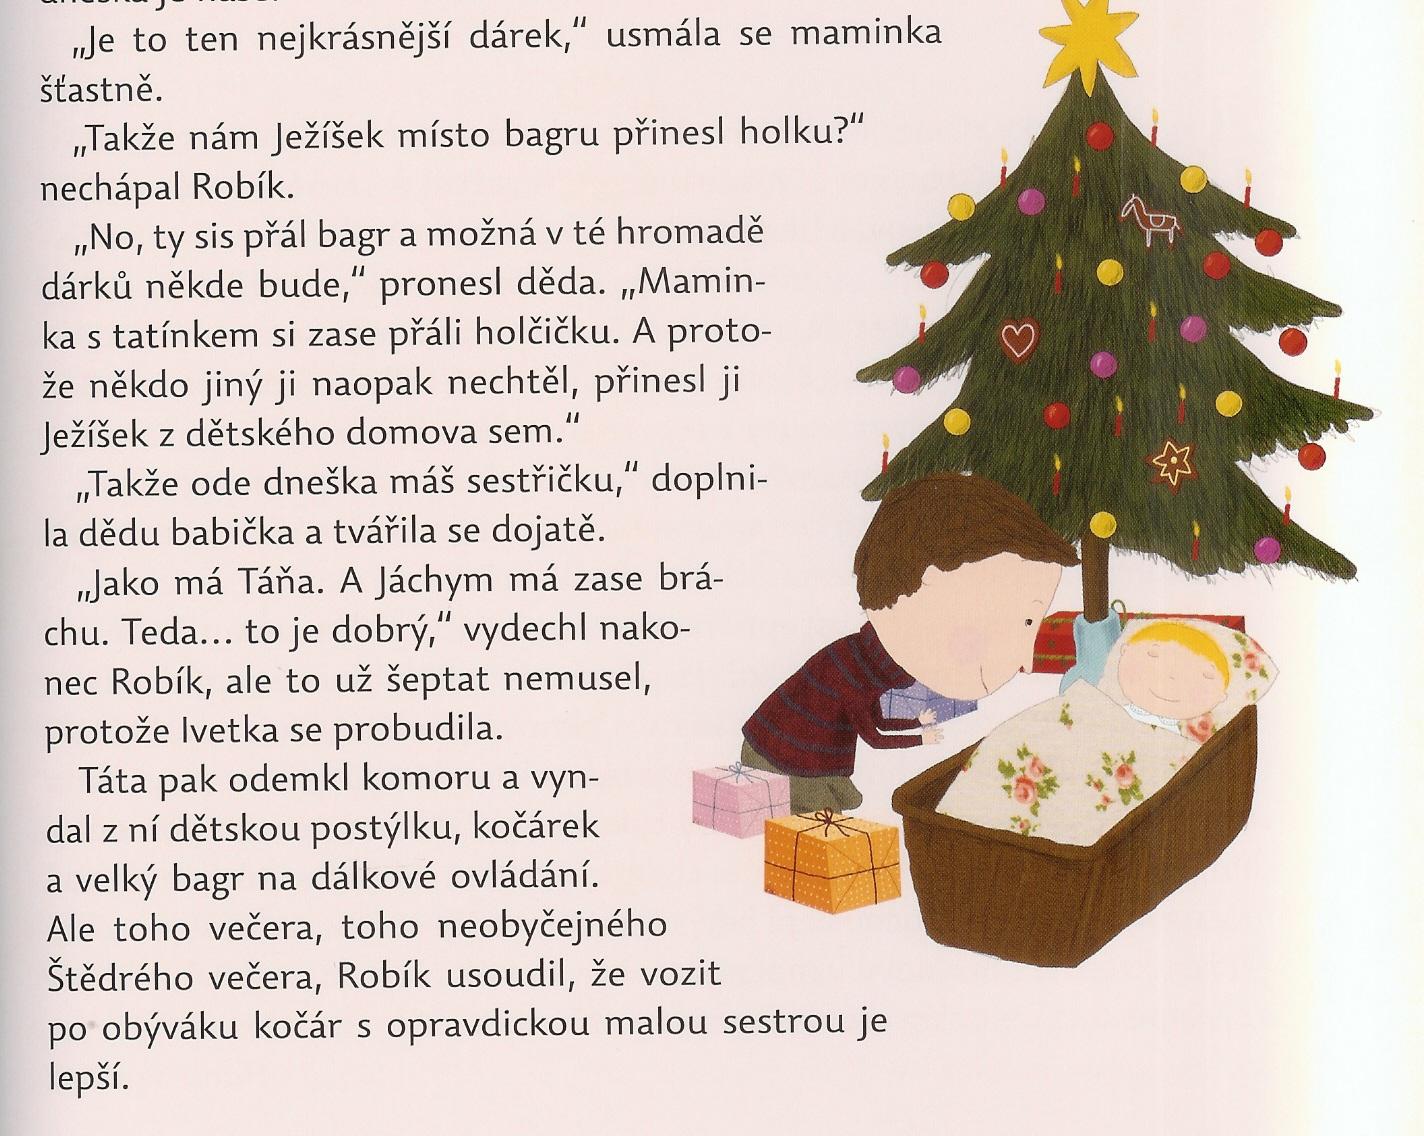 Jezisek_ilustrace